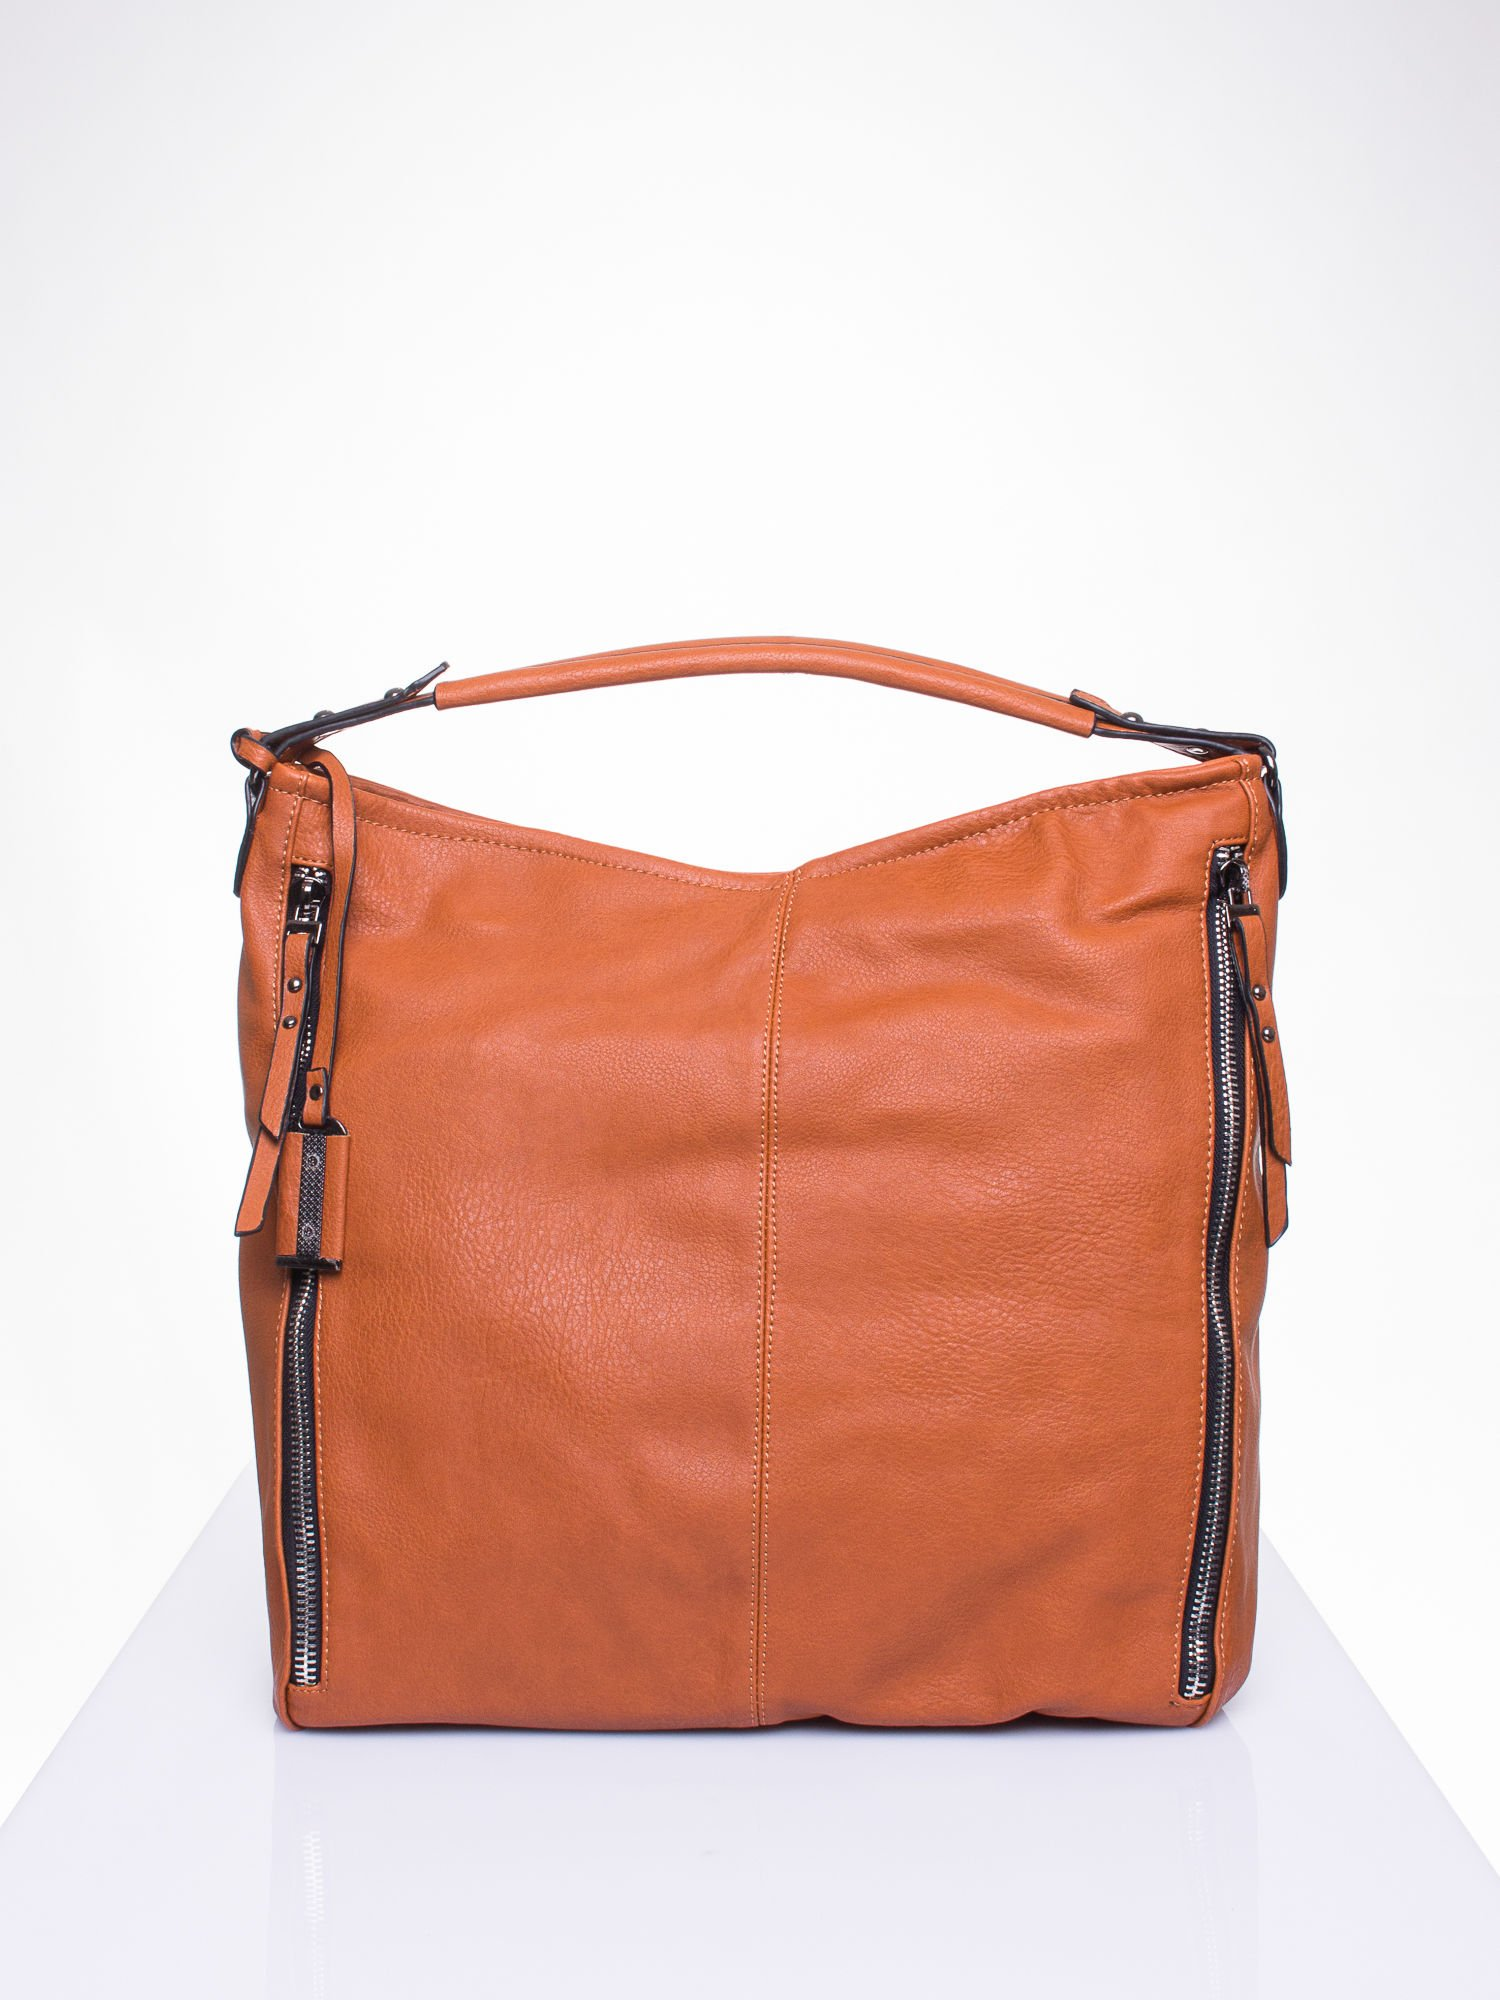 Brązowa torba hobo z suwakami po bokach                                  zdj.                                  2